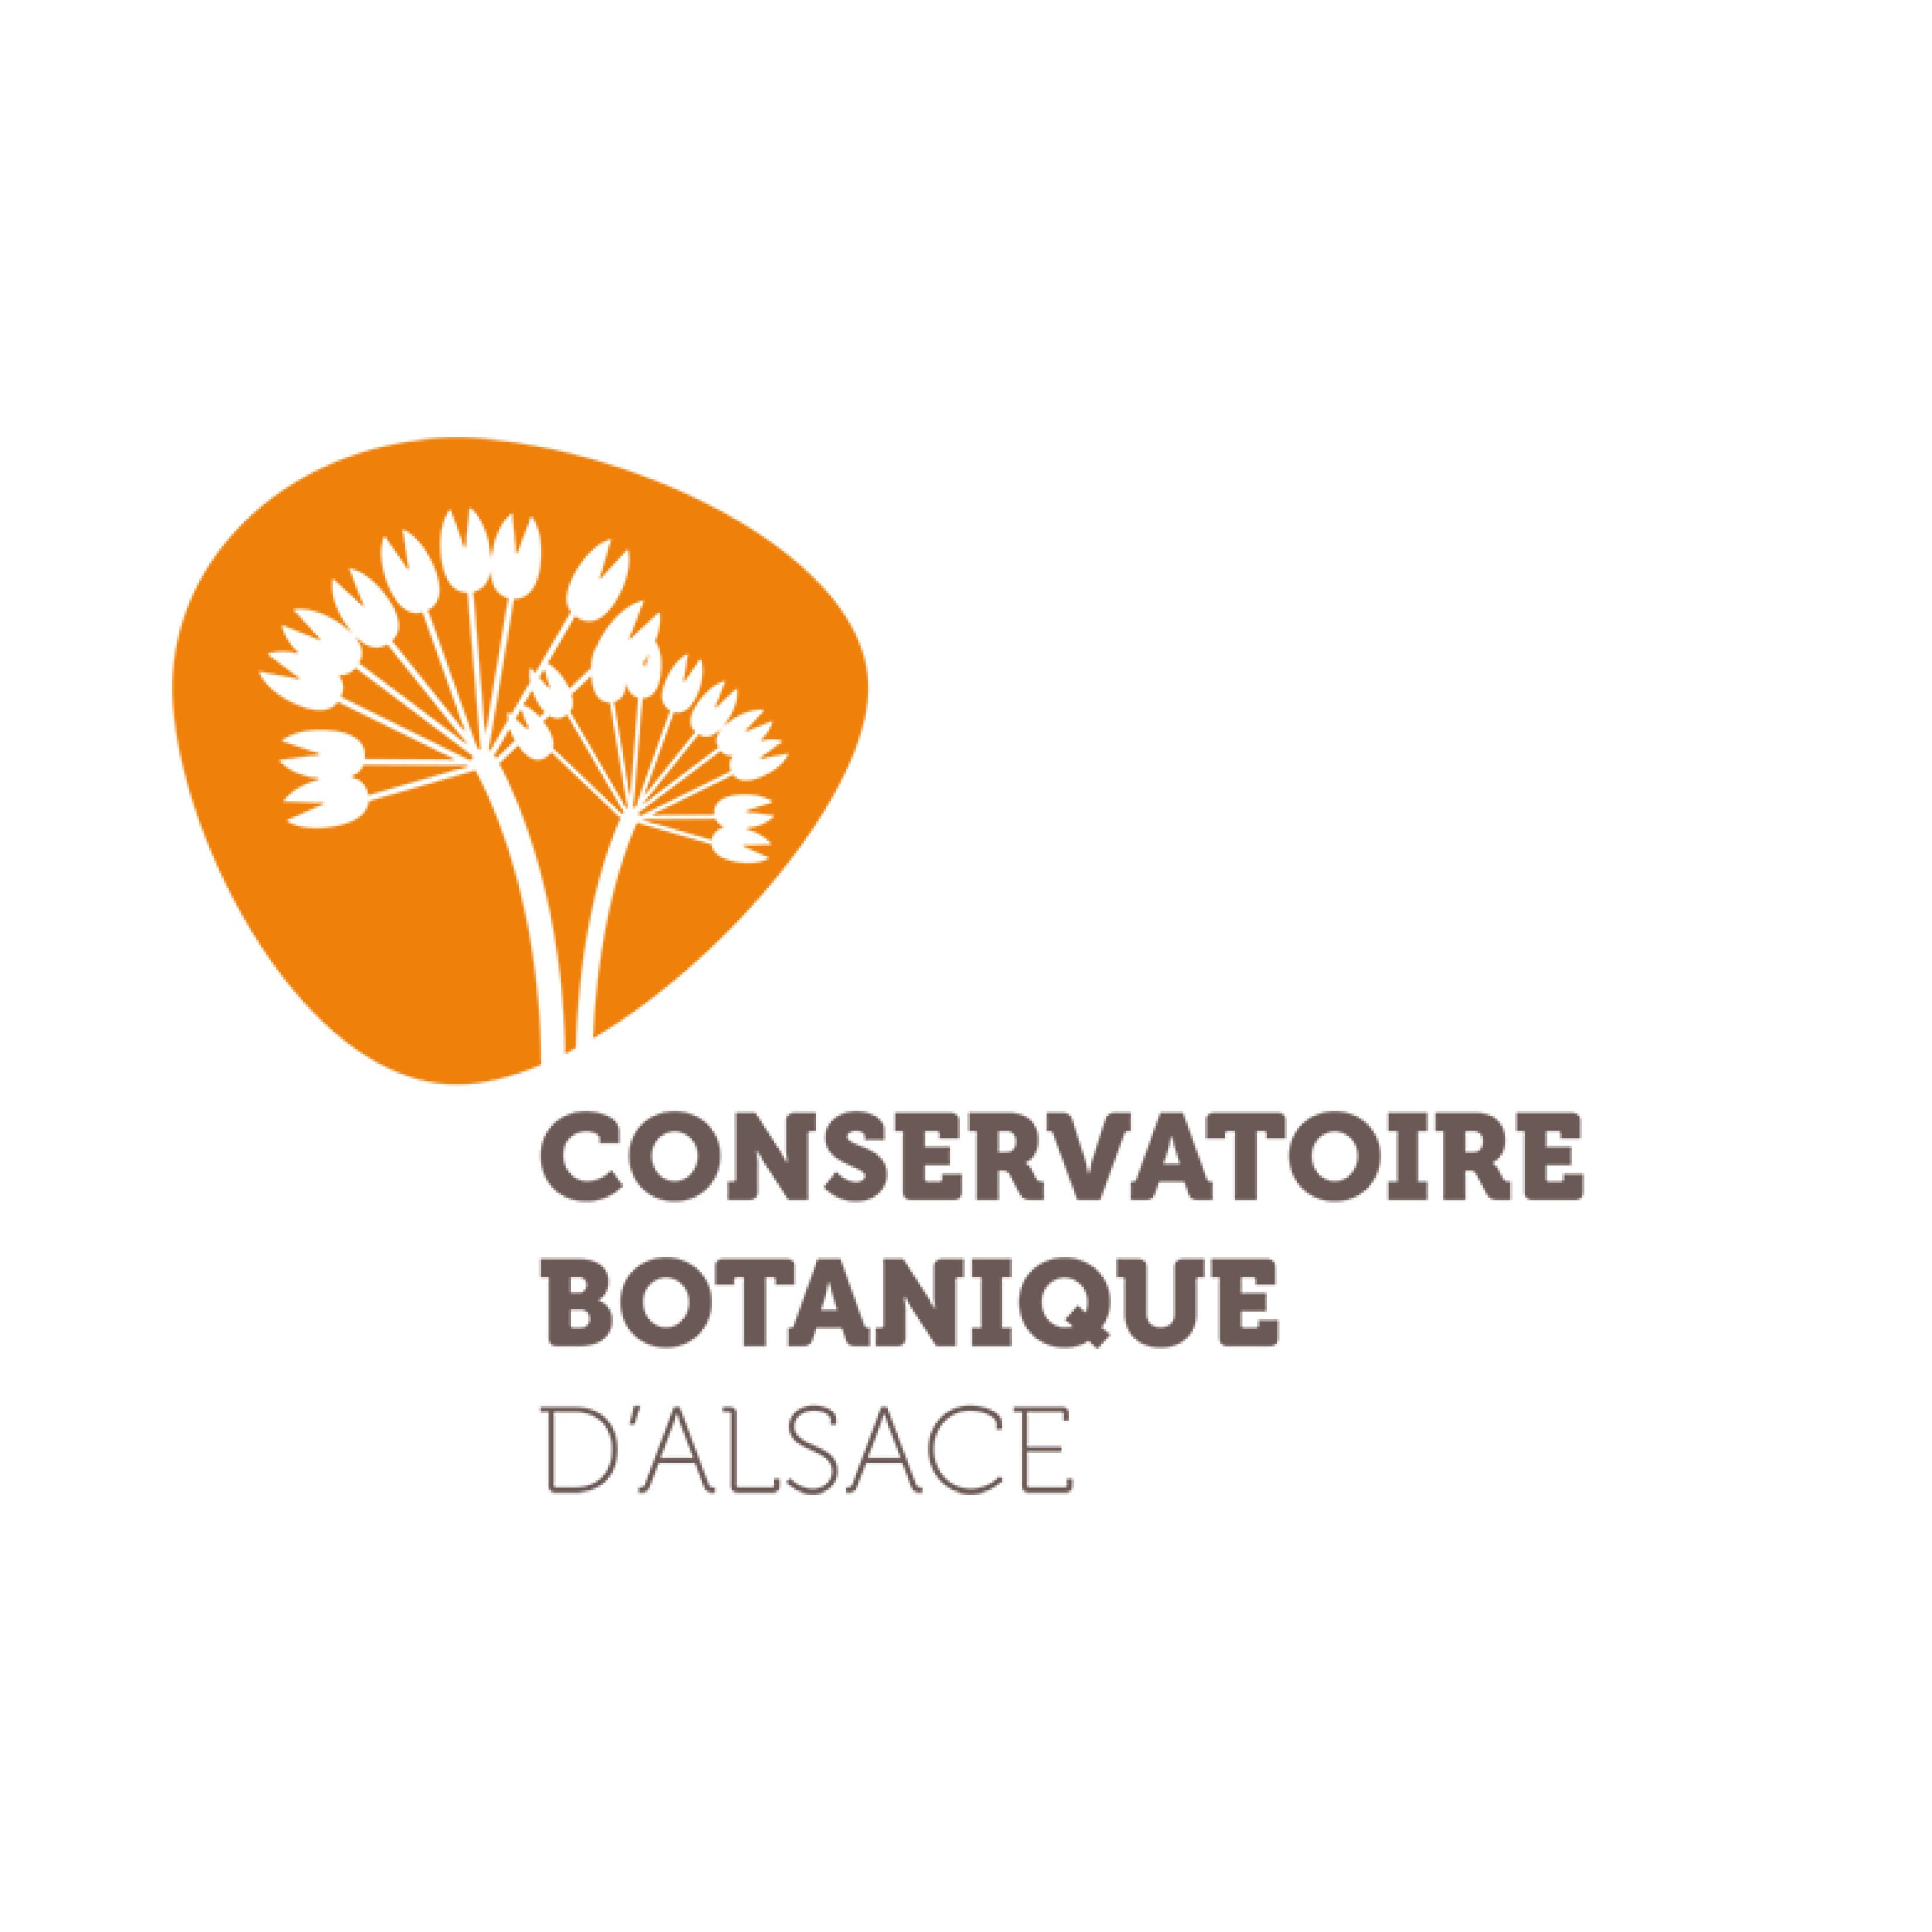 Conservatoire Botanique d'Alsace (CBA)